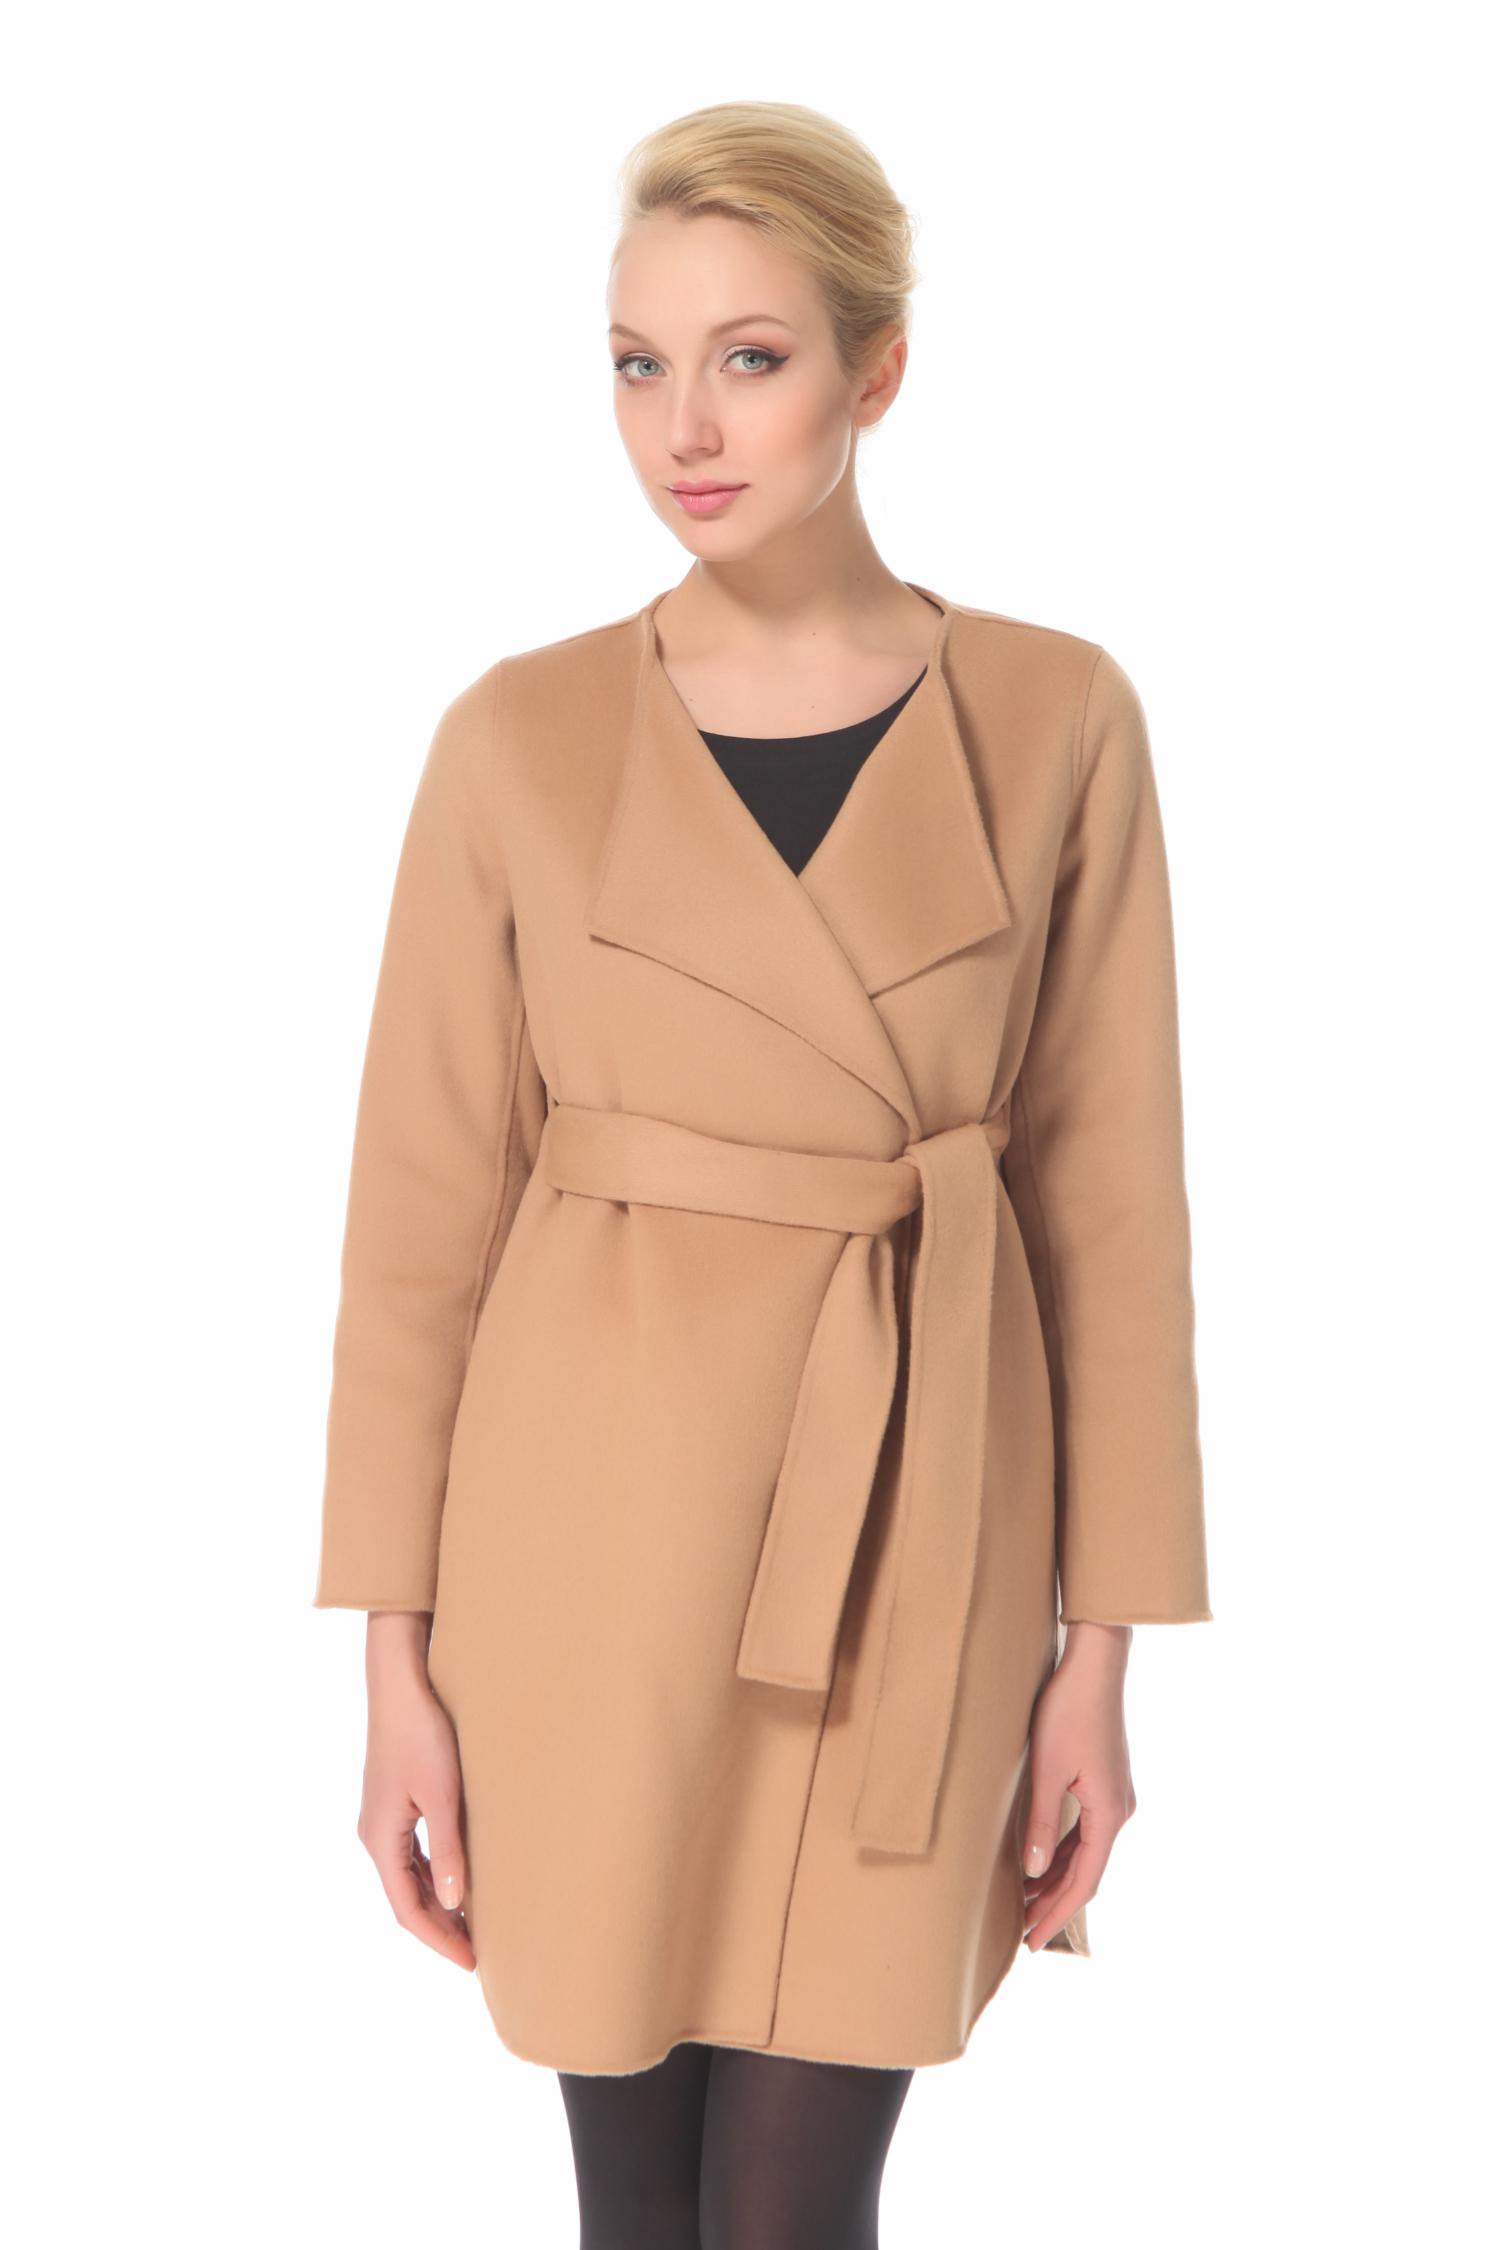 Женские пальто Самара